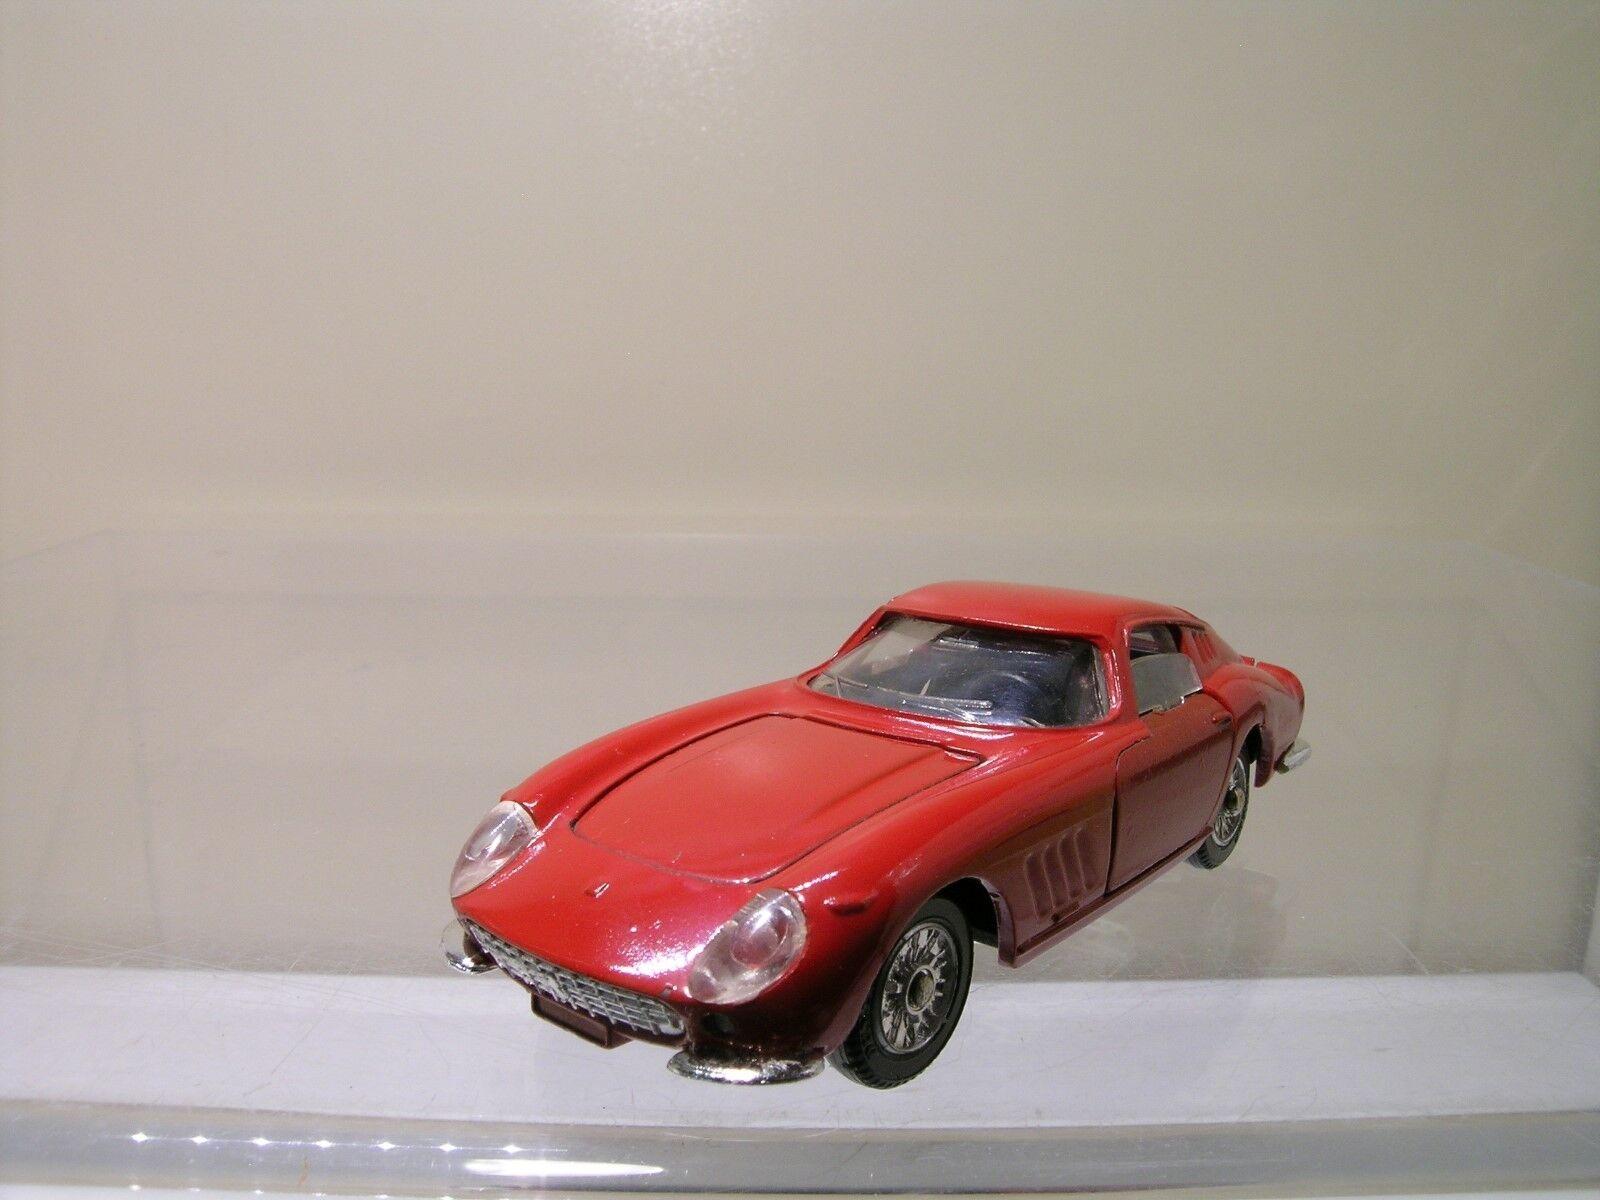 Juguetes de Tintín Francia 506 Ferrari 275 GTB rojo cerca de una menta 1  43